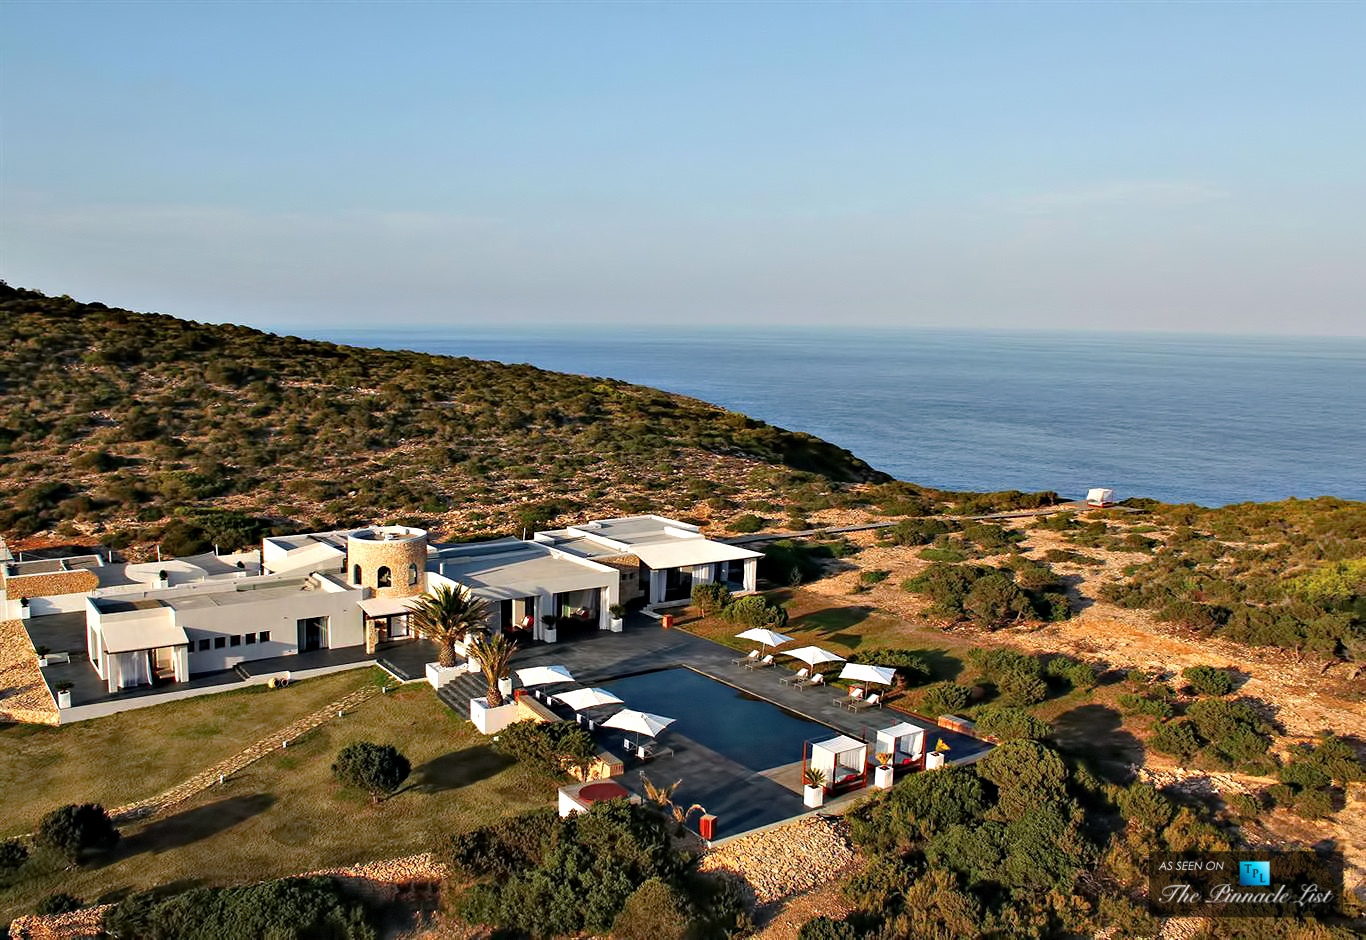 Tagomago Island Villa - Luxury Villa Rentals in Ibiza